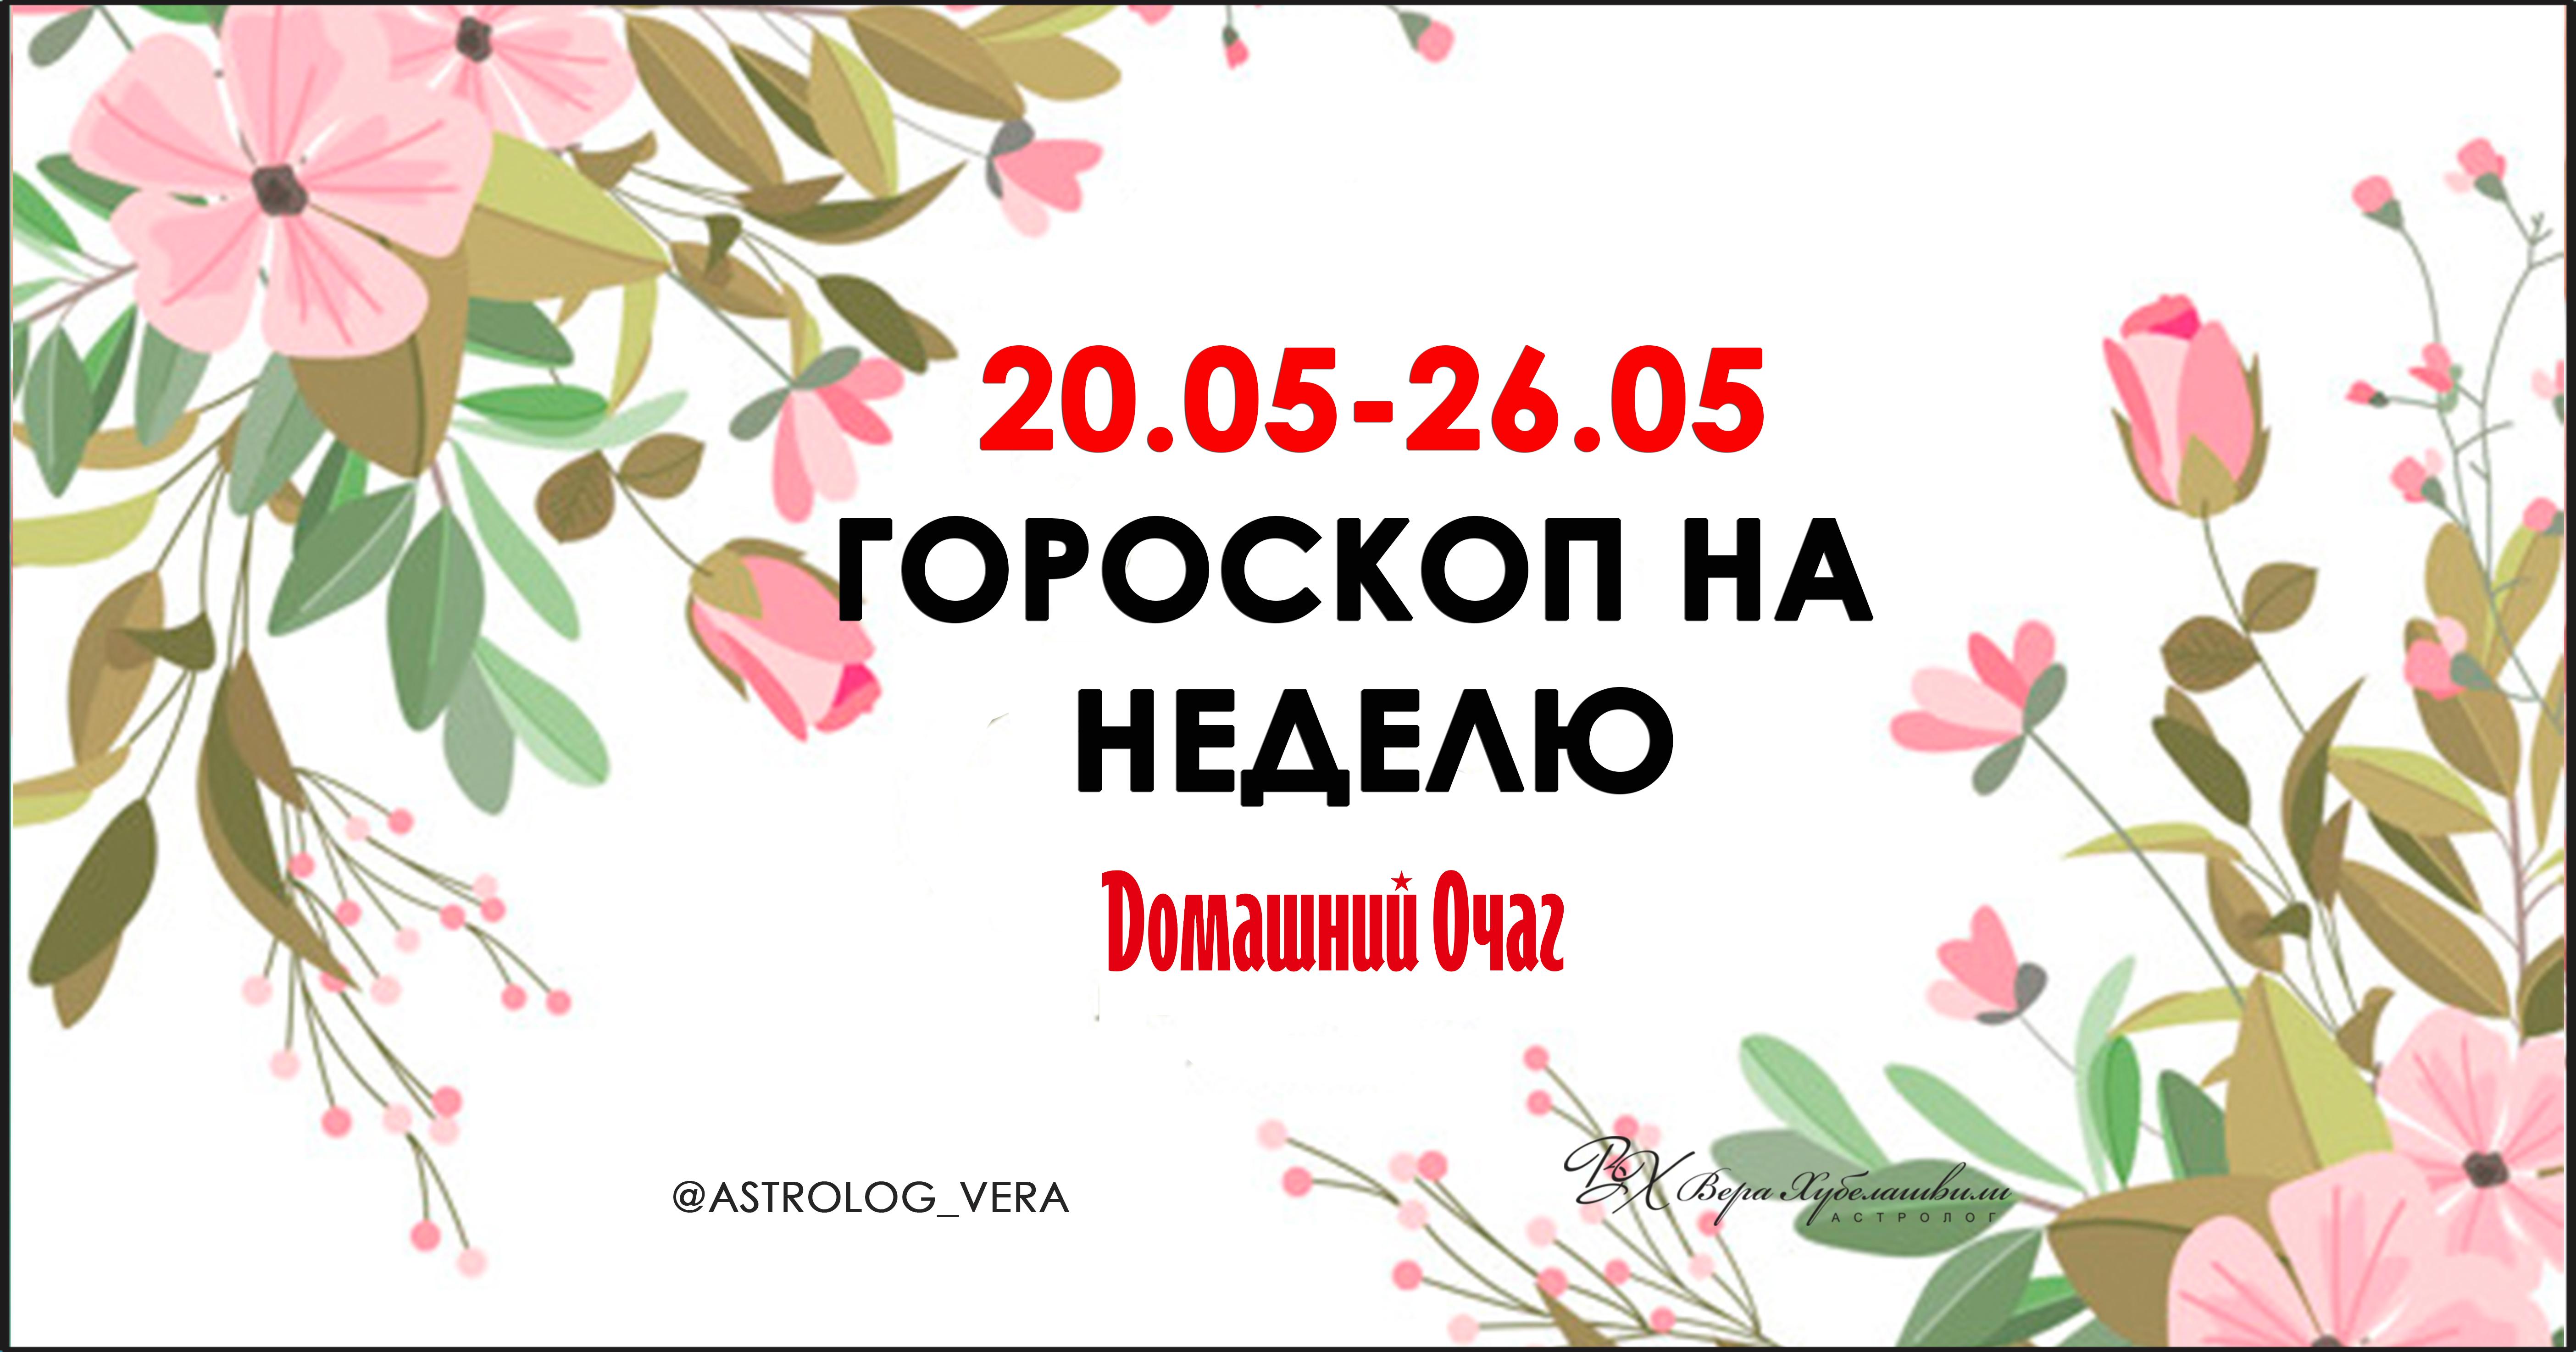 АСТРОЛОГИЧЕСКИЙ ПРОГНОЗ 20 МАЯ - 26 МАЯ 2019 (ДОМАШНИЙ ОЧАГ)